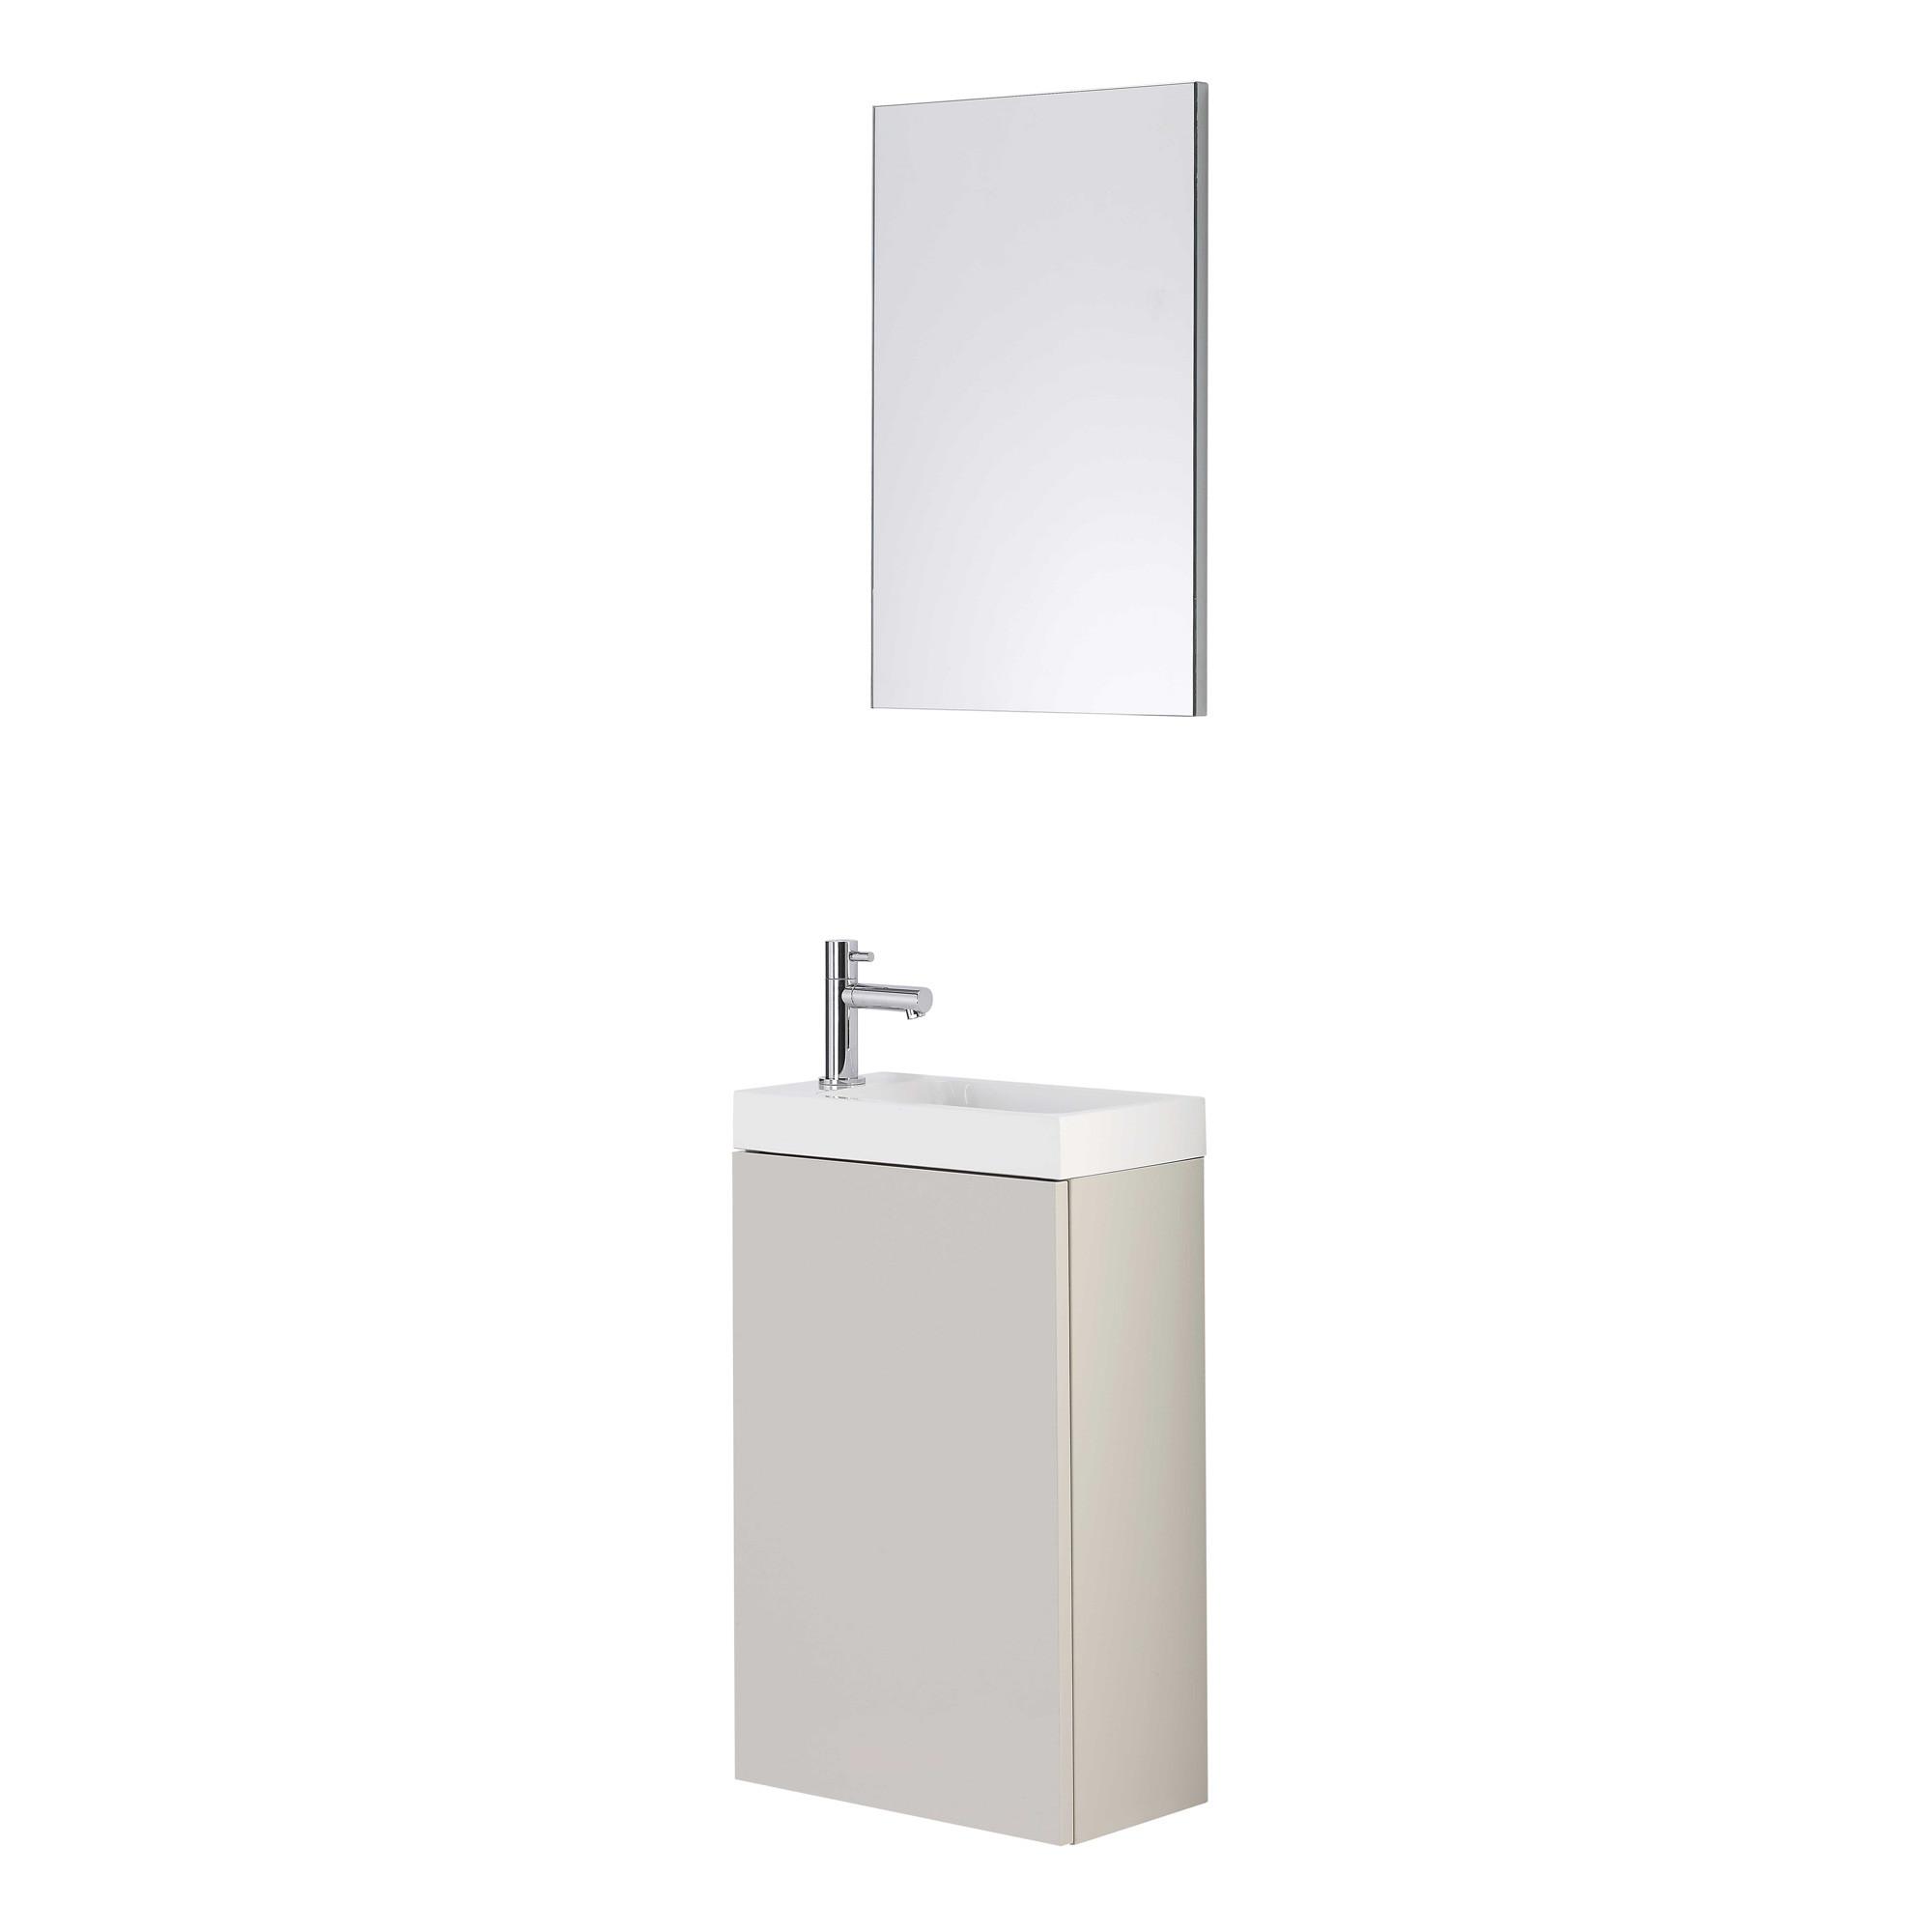 lave main meuble tortora duofix avec miroir anjou connectique. Black Bedroom Furniture Sets. Home Design Ideas